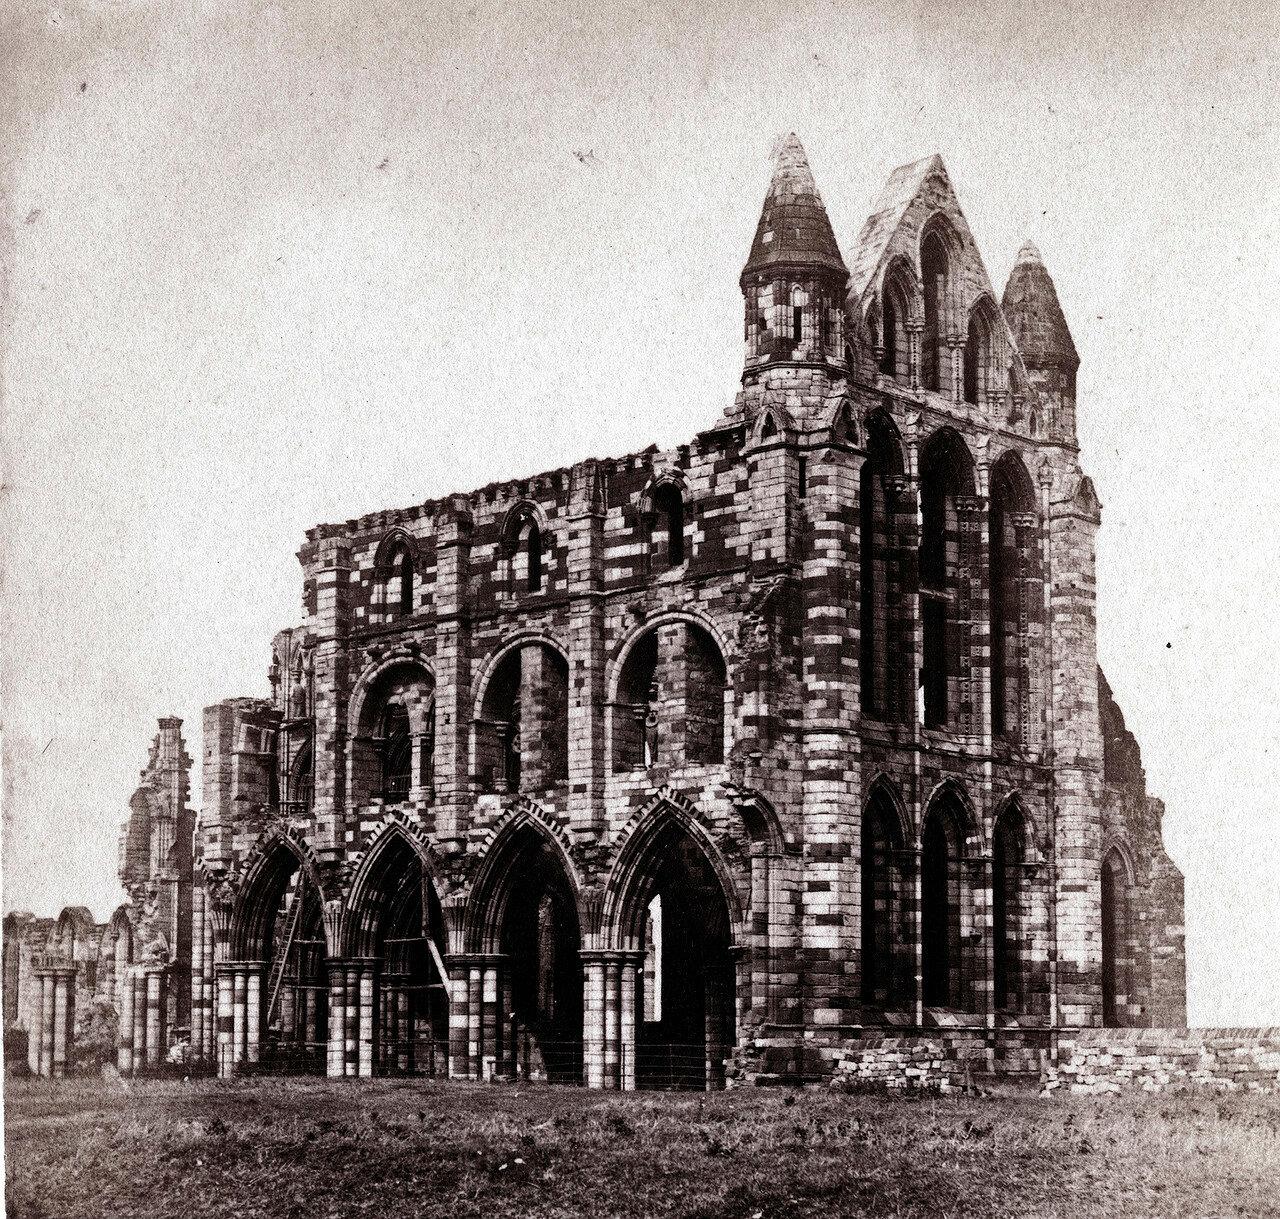 Аббатство Уитби. Великобритания, 1864